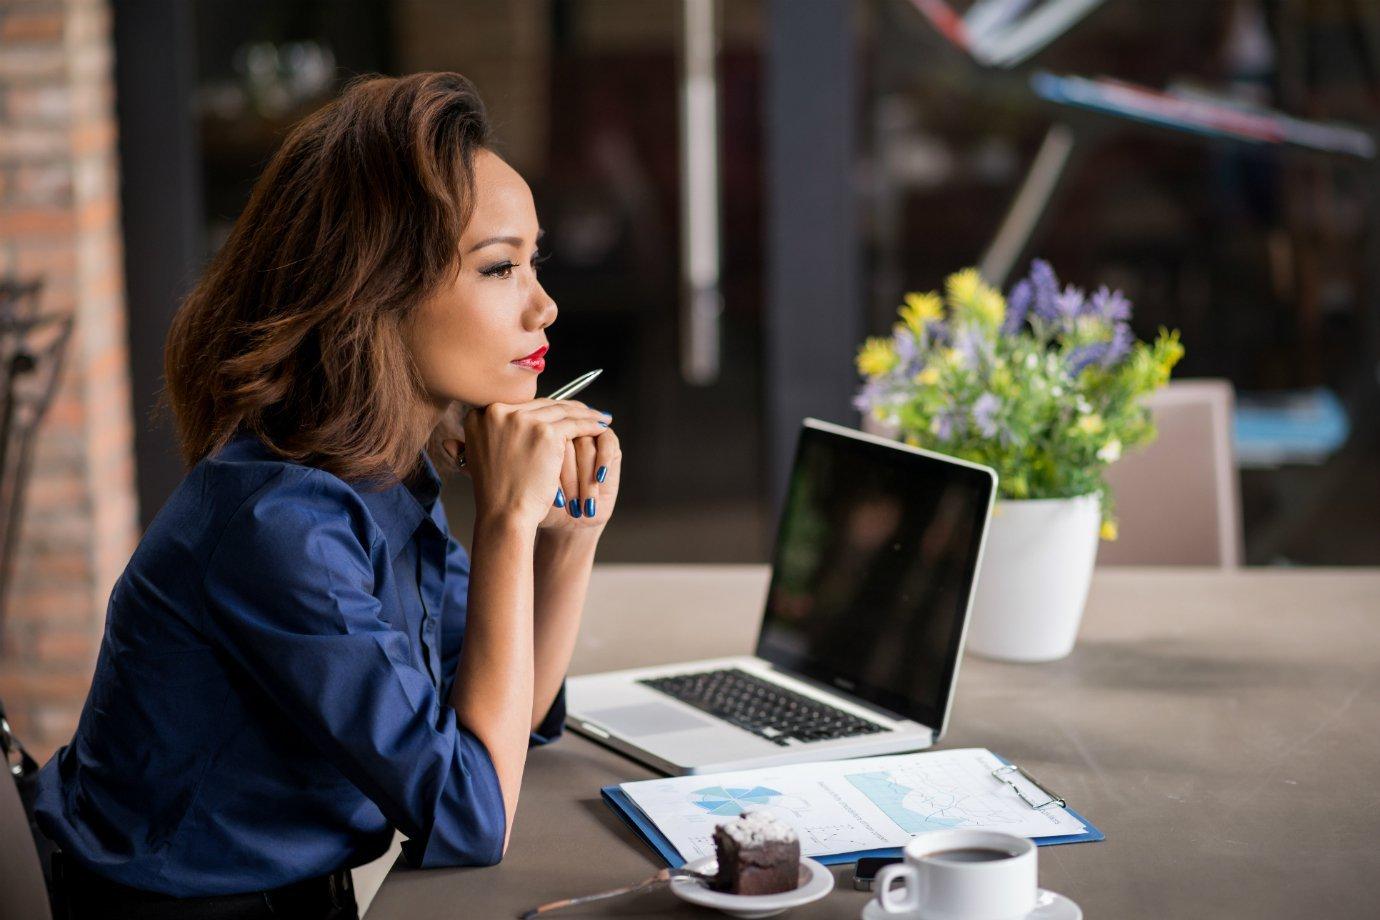 Mulher usa computador, pensando